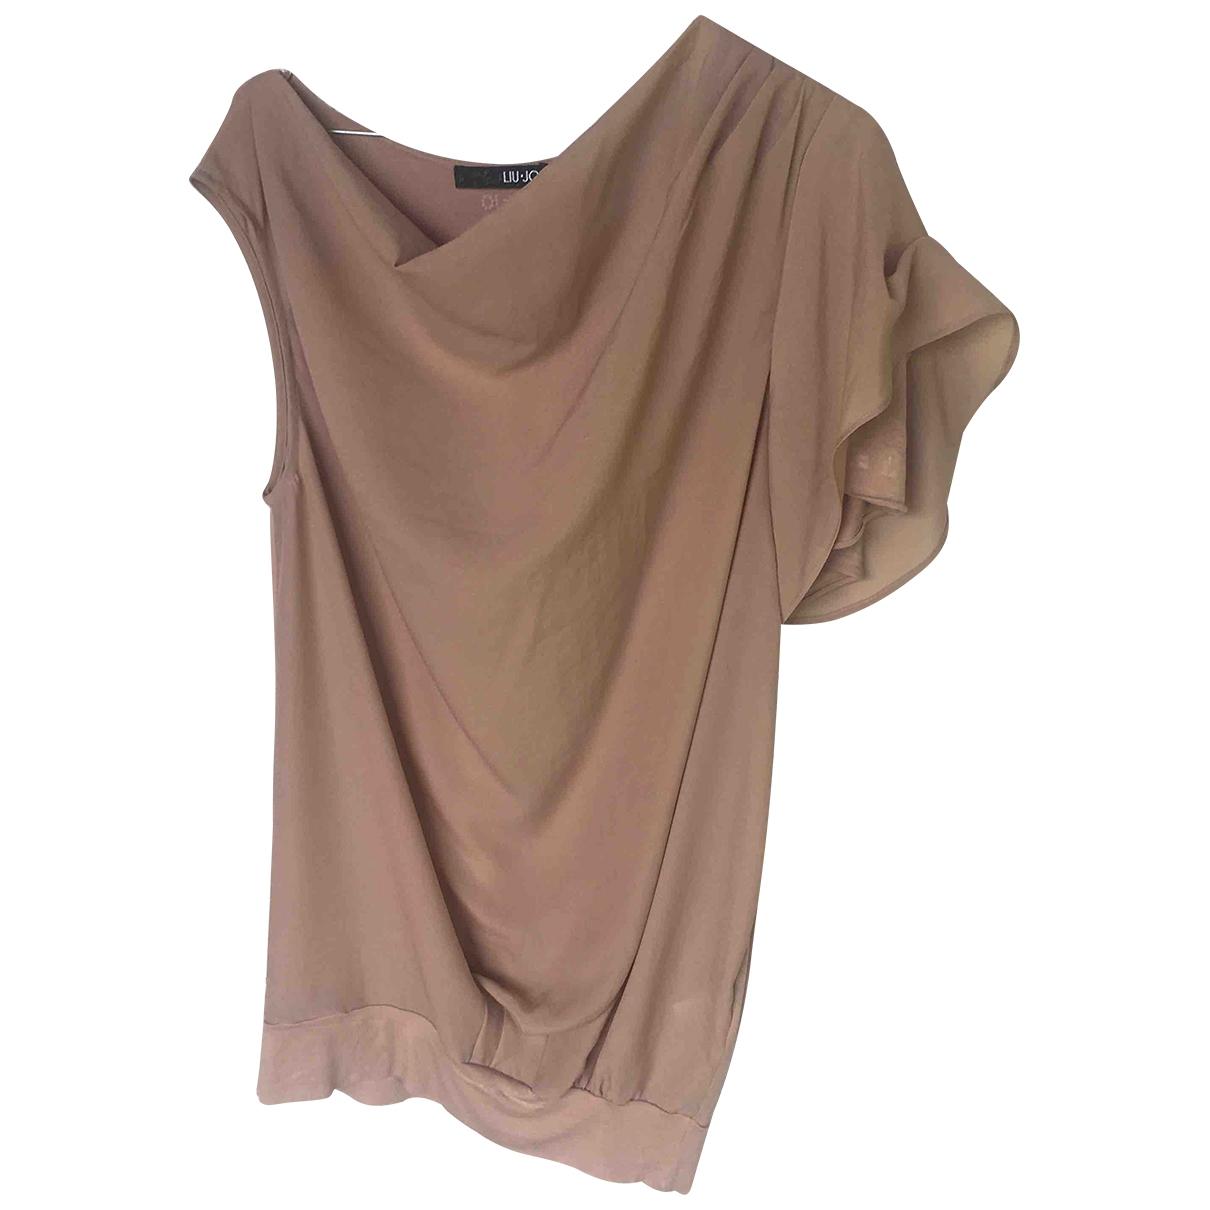 Liu.jo \N Pink dress for Women 46 IT